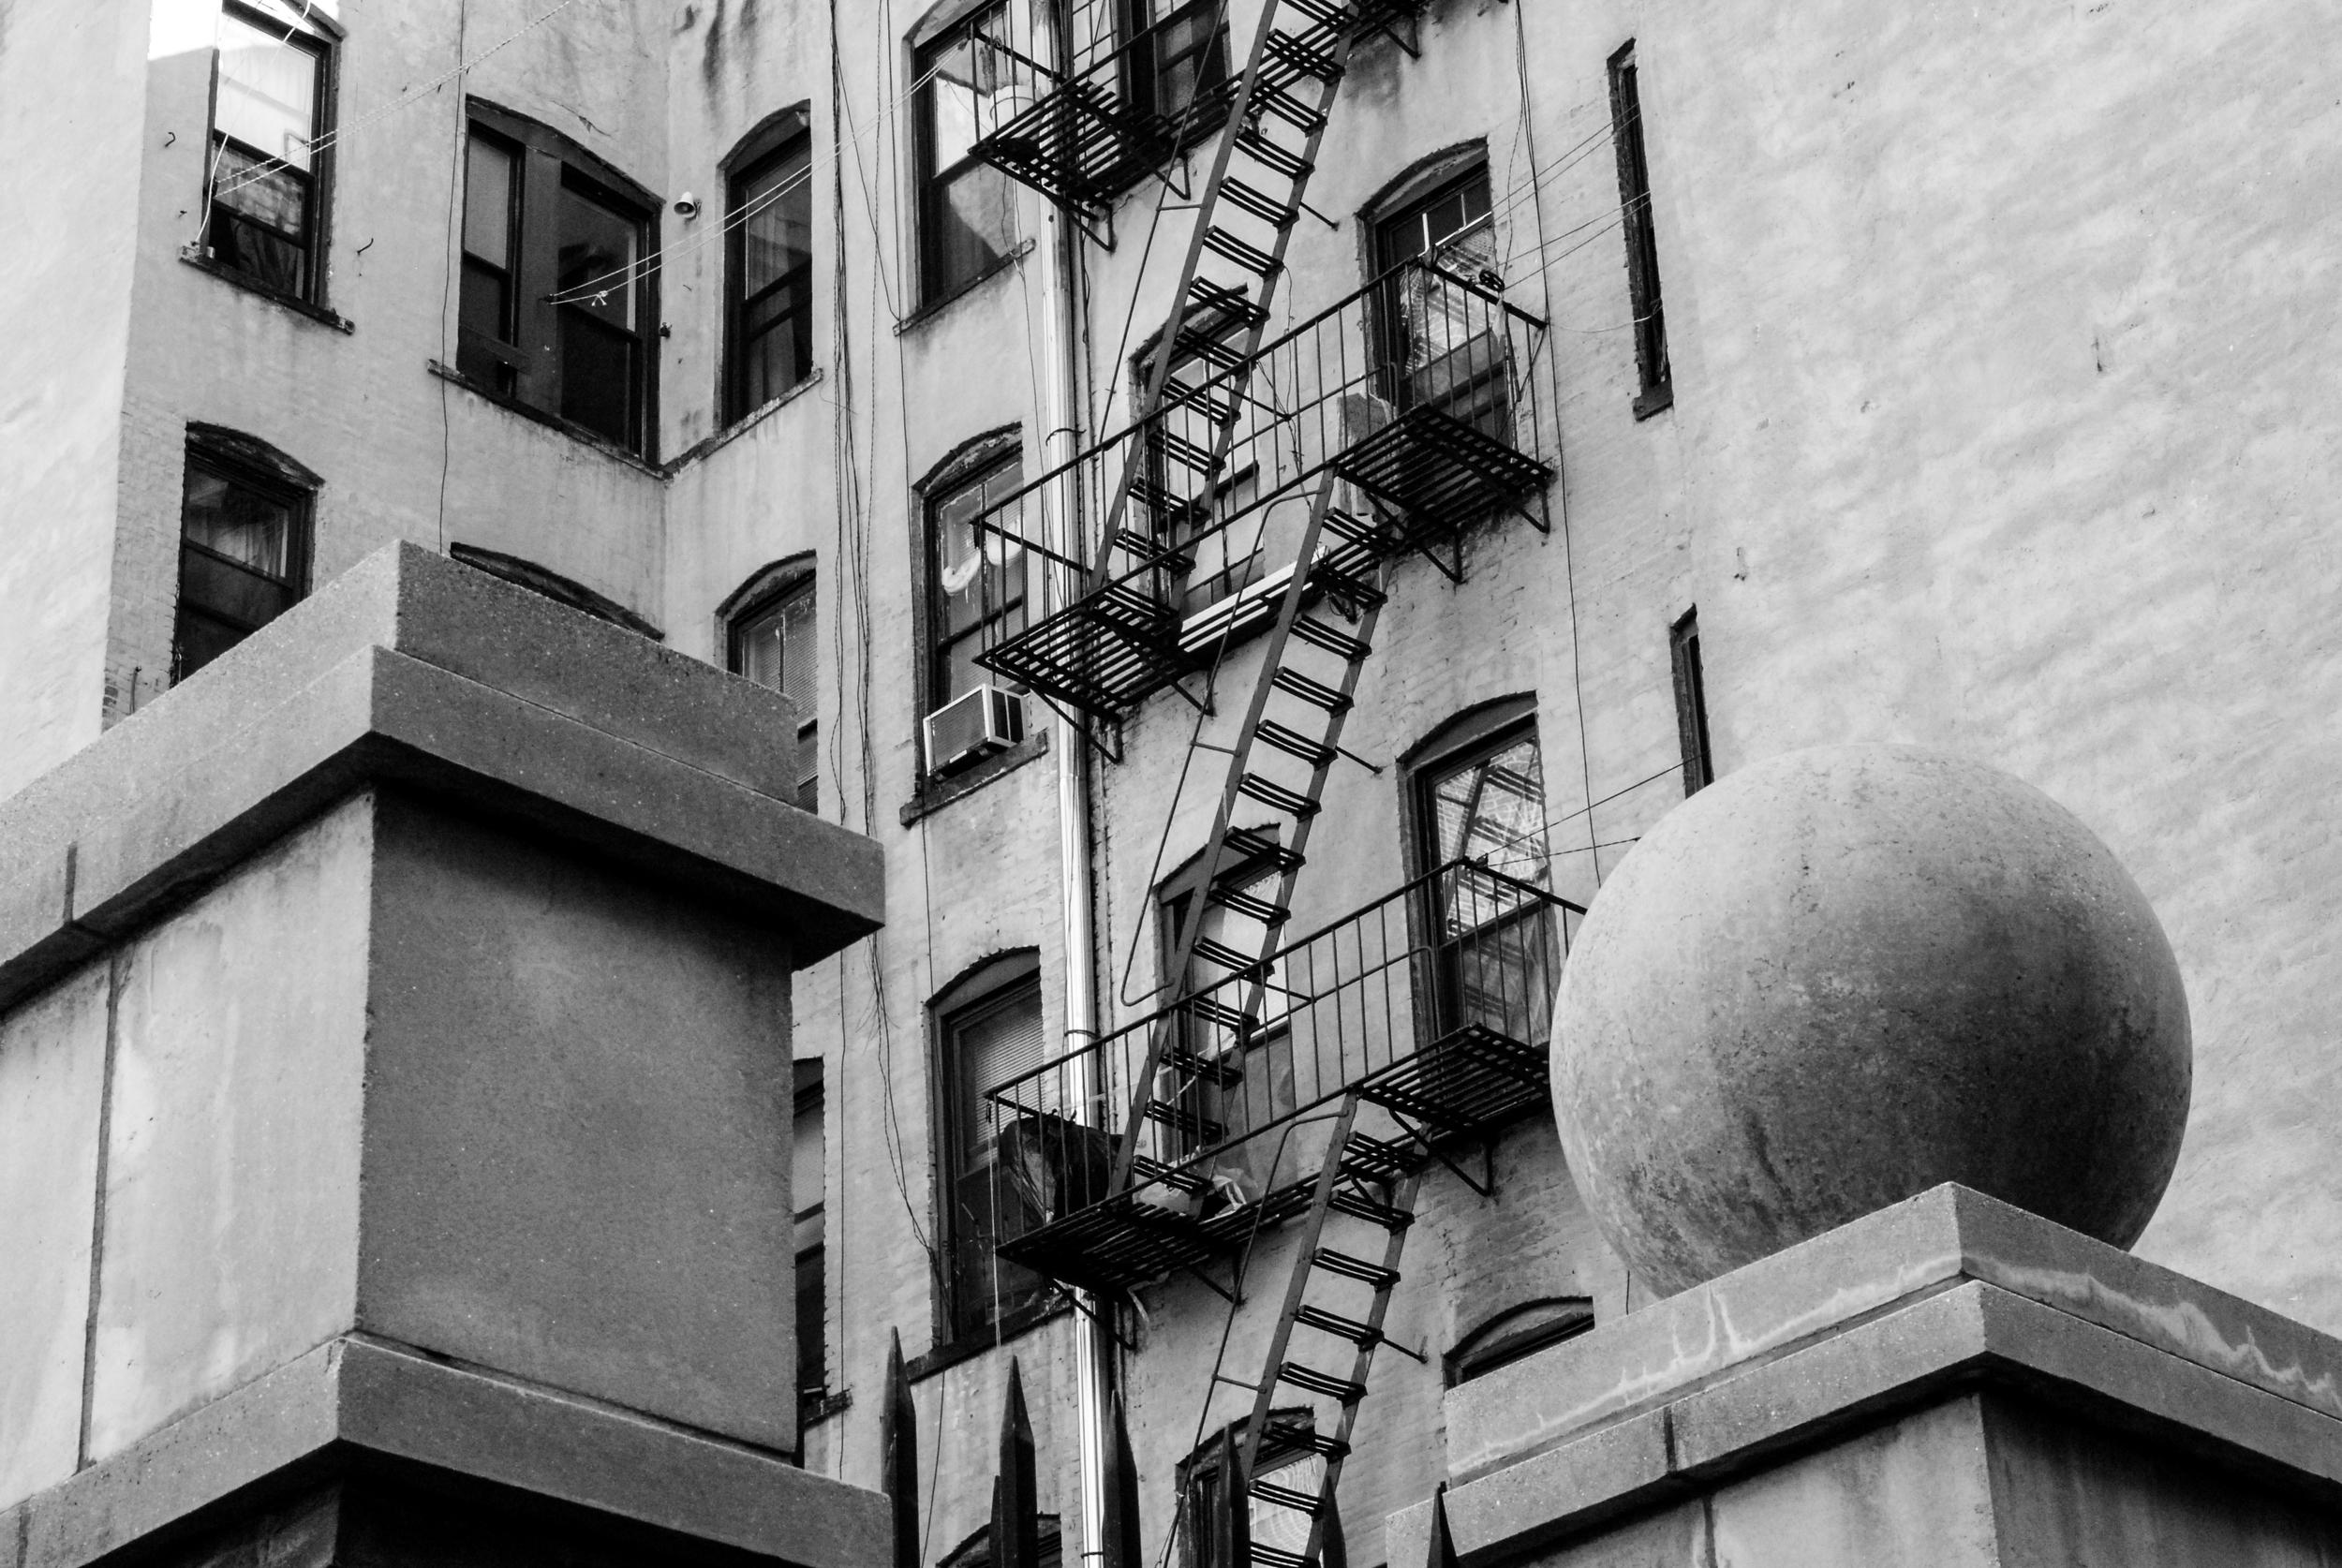 NYC_CityShots-0456.JPG